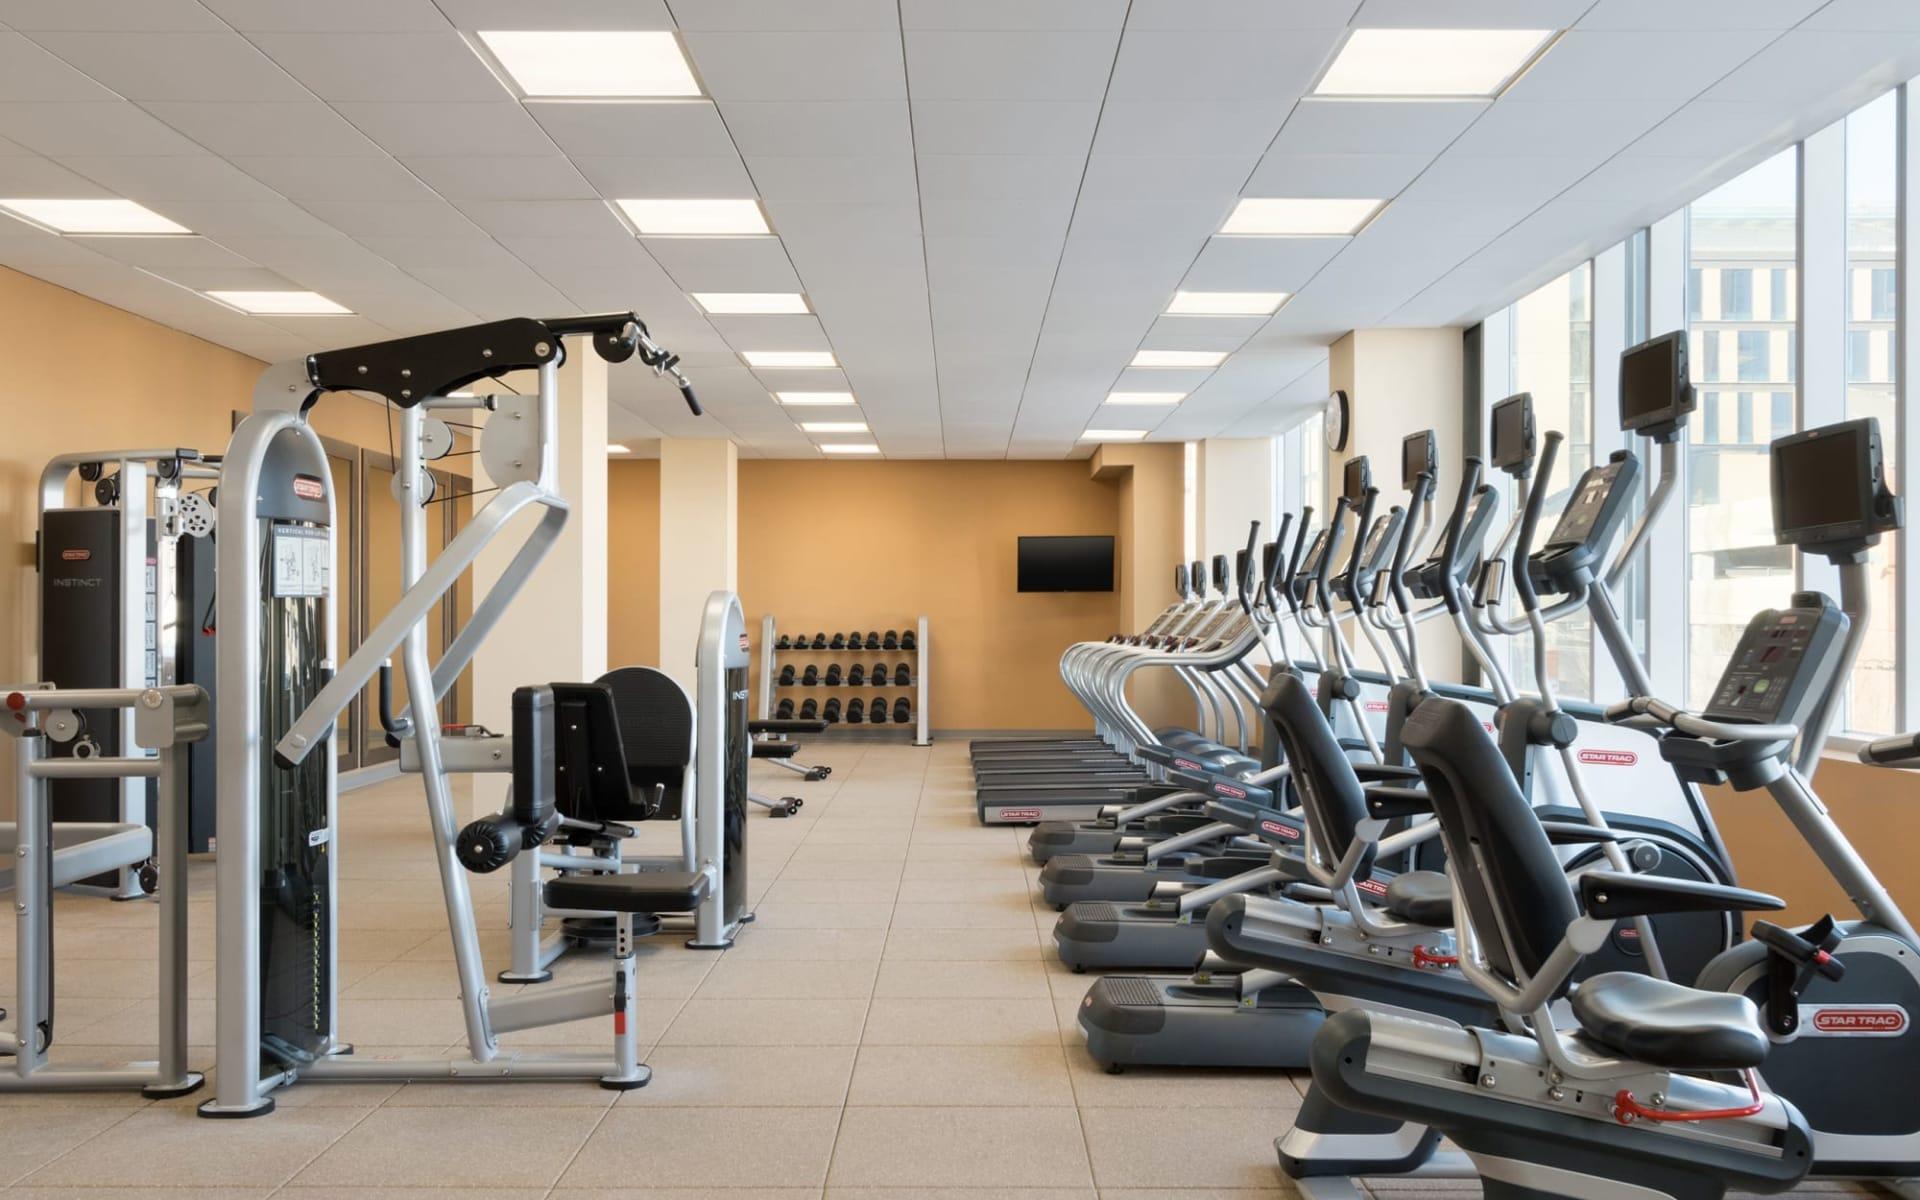 Hilton Garden Inn Calgary Downtown: Facilities_Hilton Garden Inn YYC Downtown_Fitnessraum_Jonview